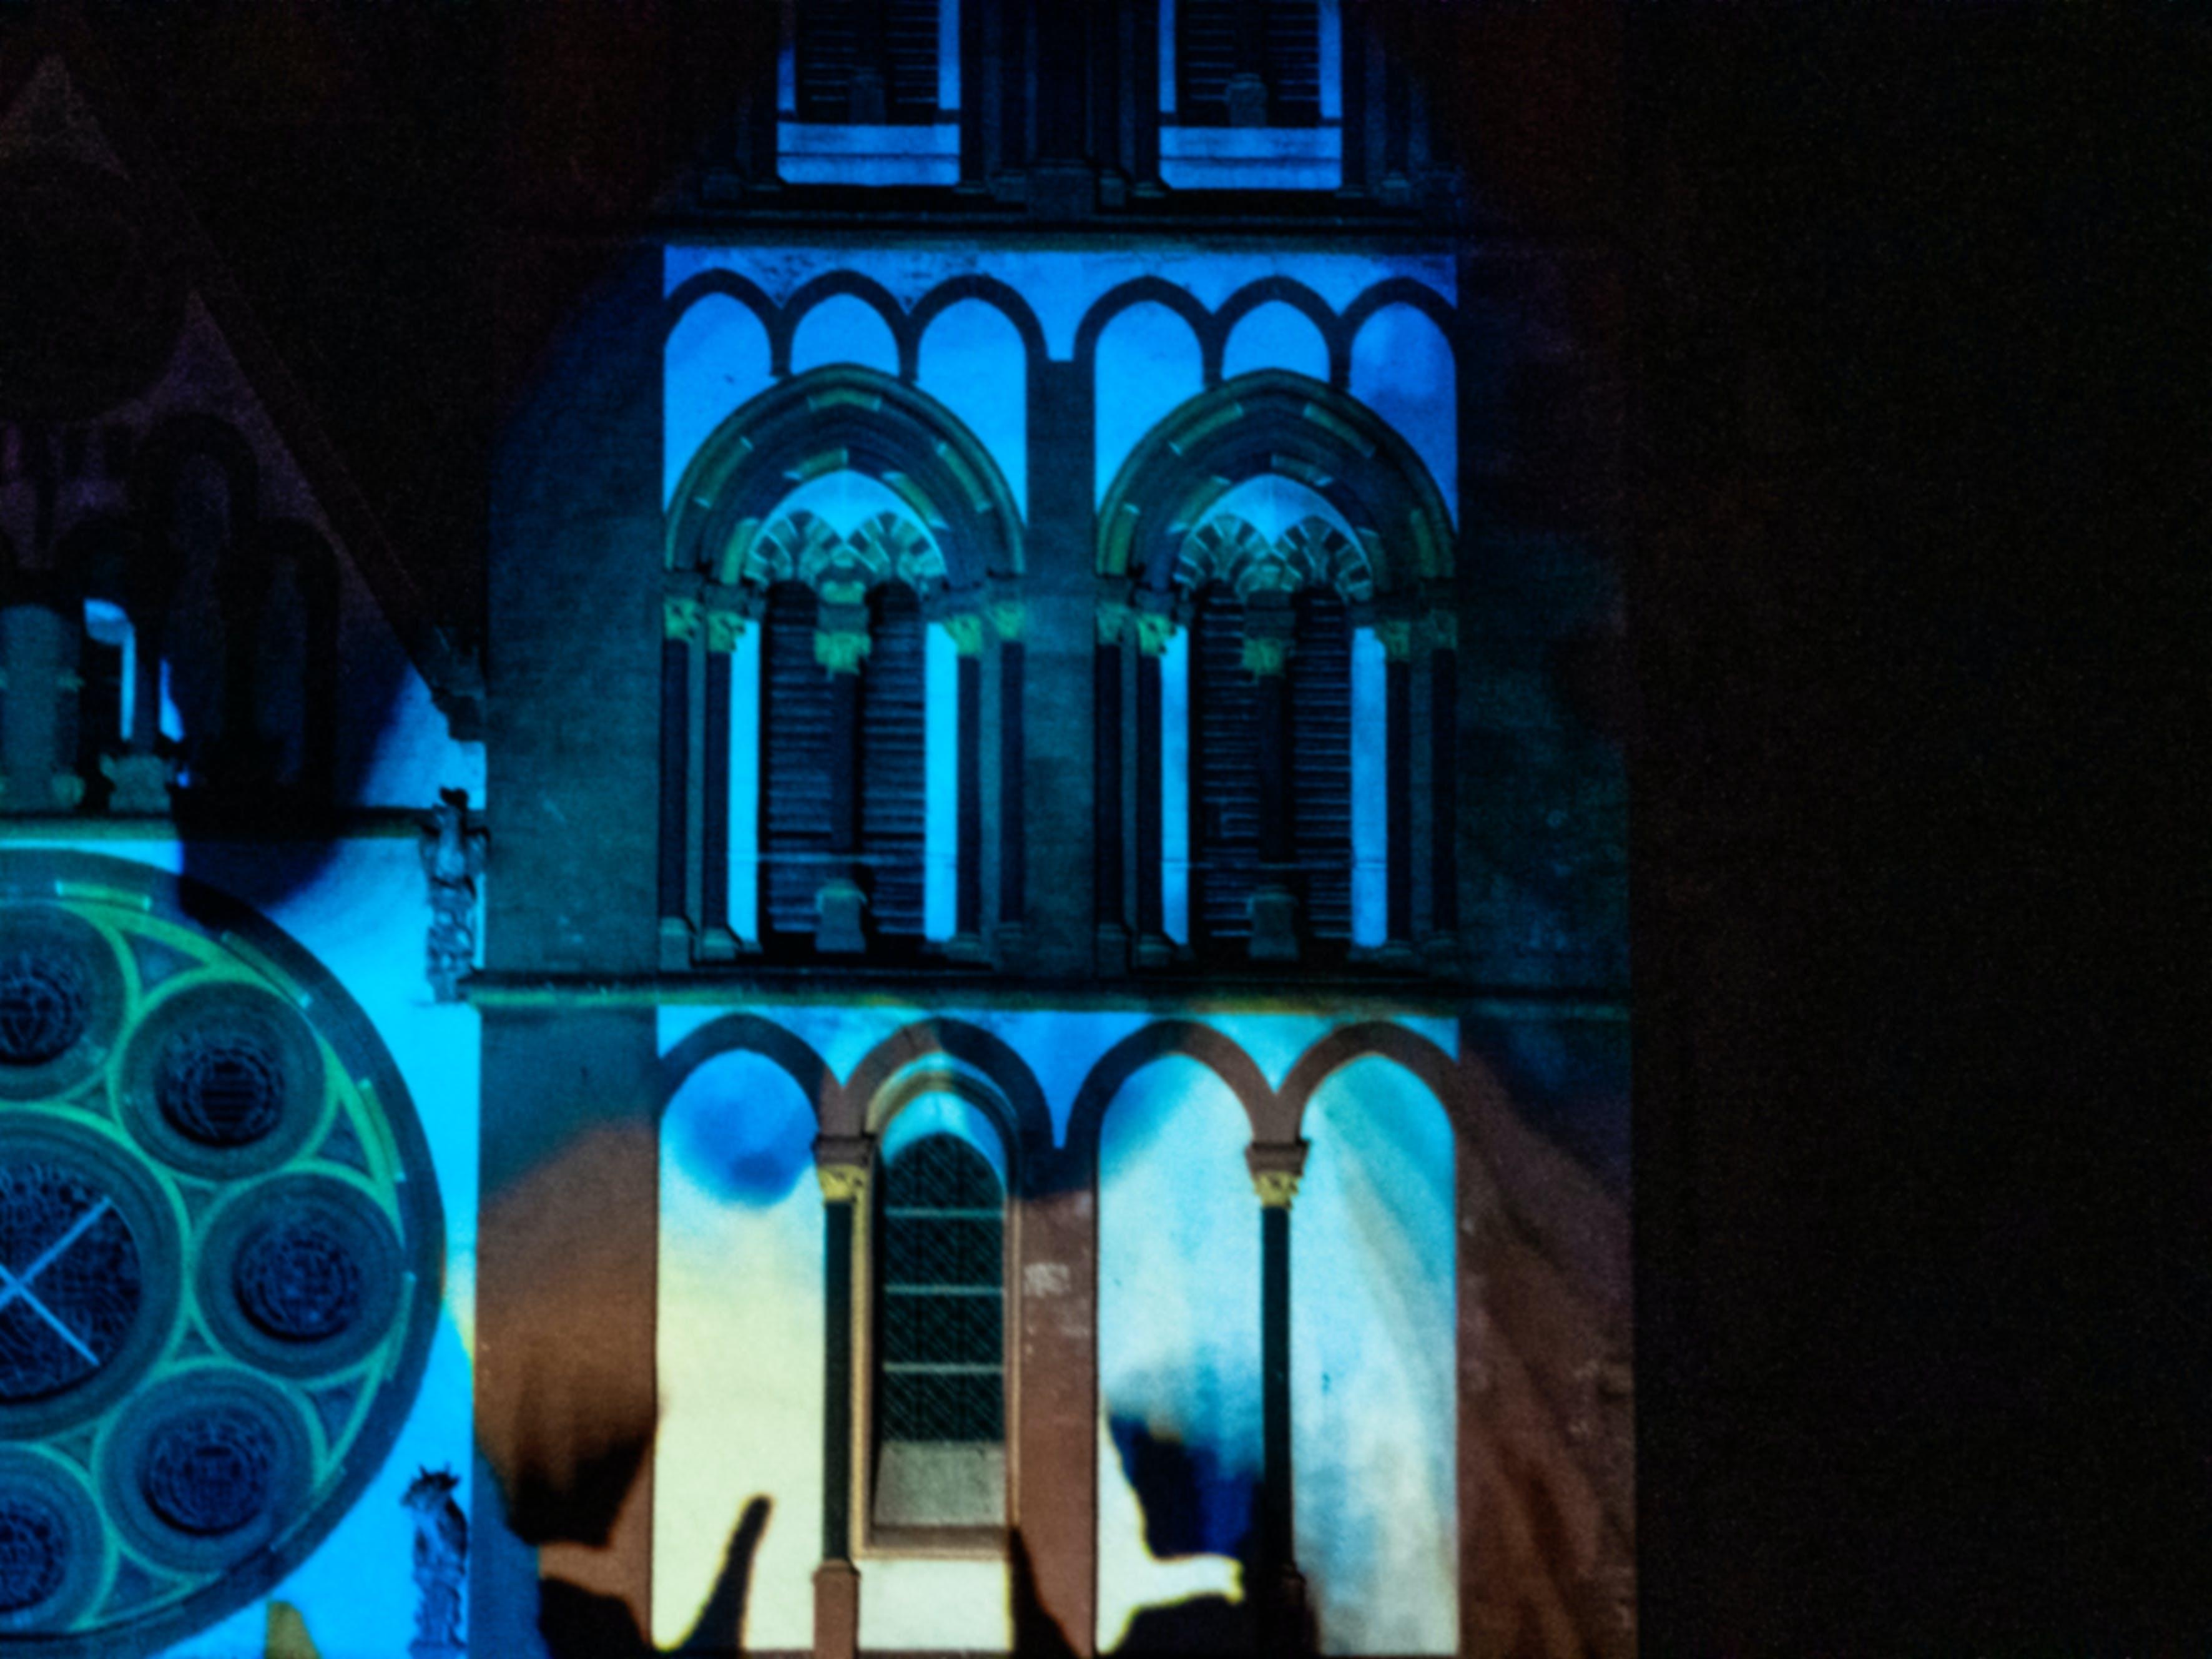 Δωρεάν στοκ φωτογραφιών με αρχιτεκτονικές λεπτομέρειες, αρχιτεκτονική, ατμοσφαιρικό βράδυ, εκκλησία